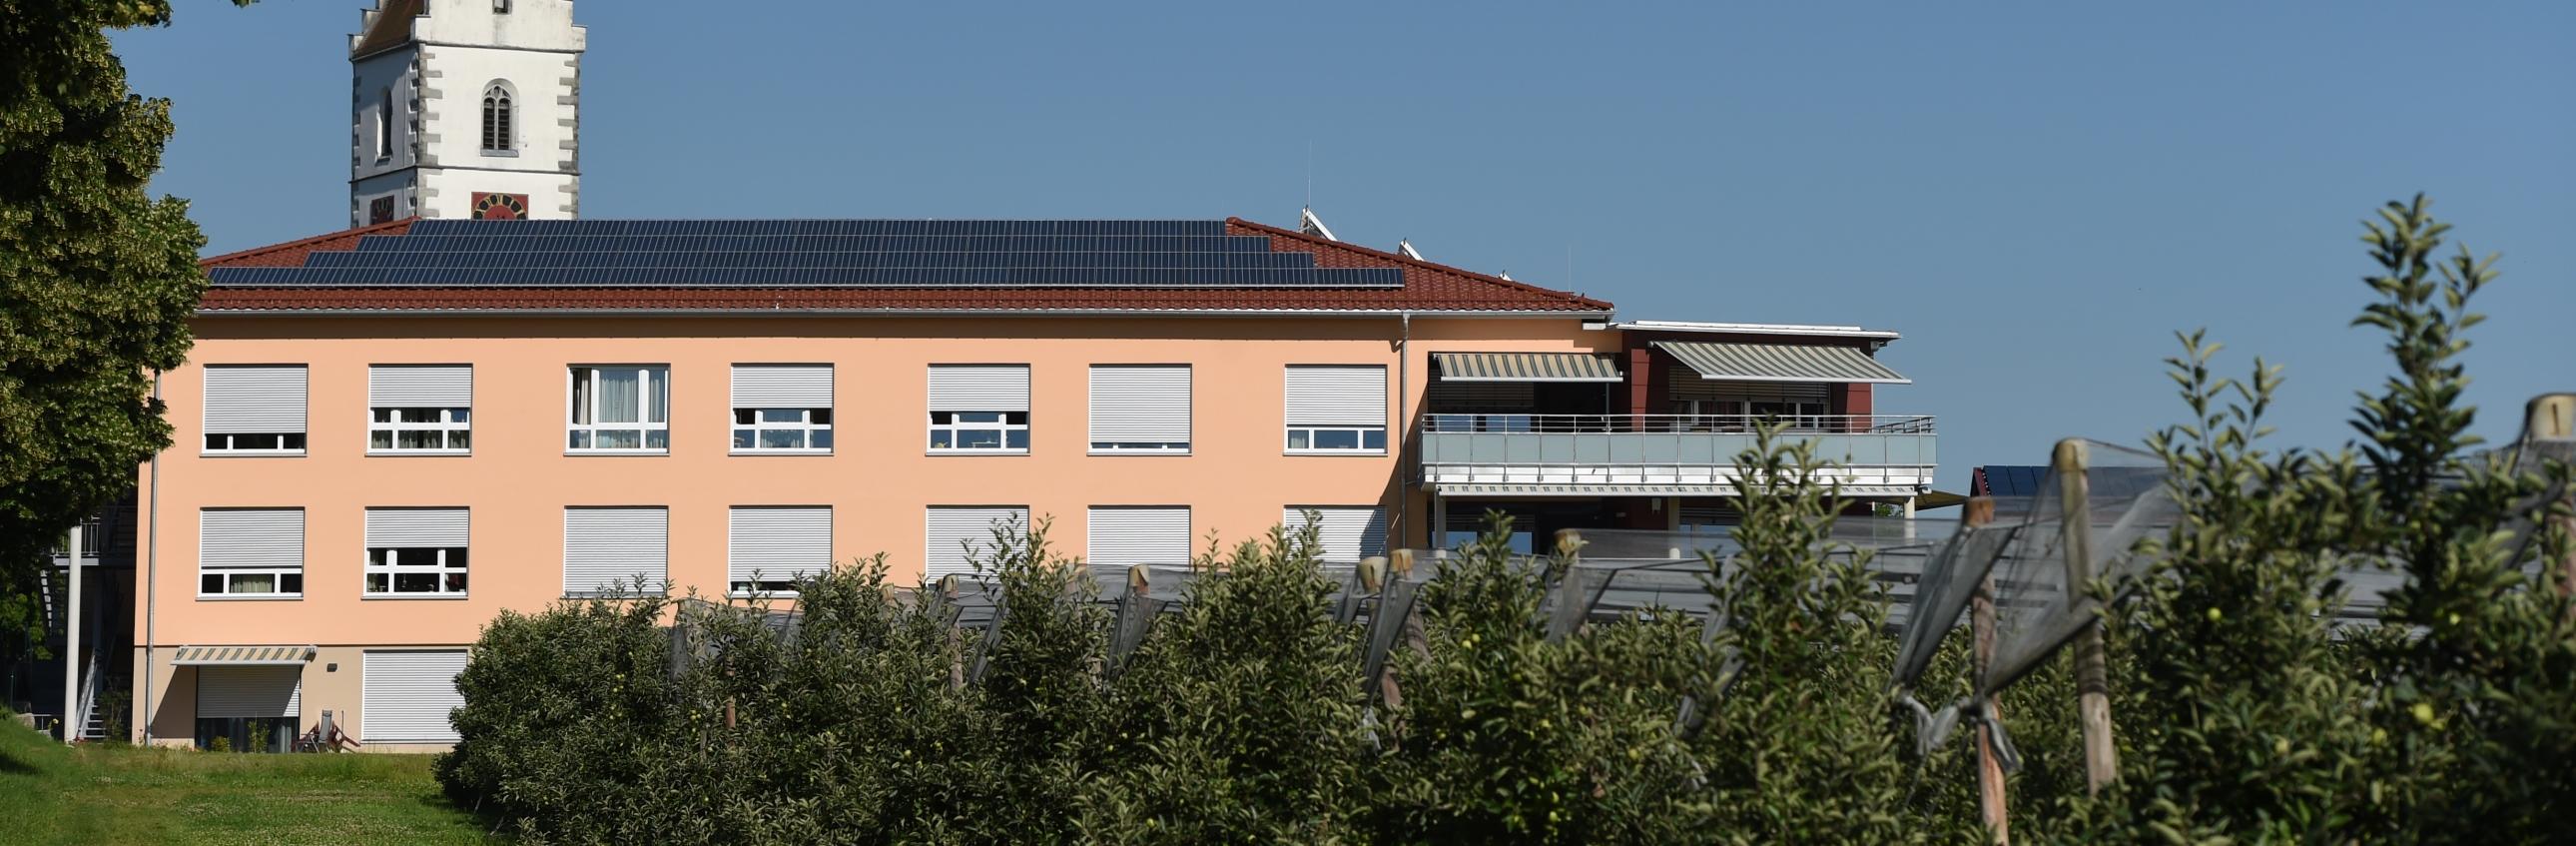 Haus der Pflege St Martin Ailingen